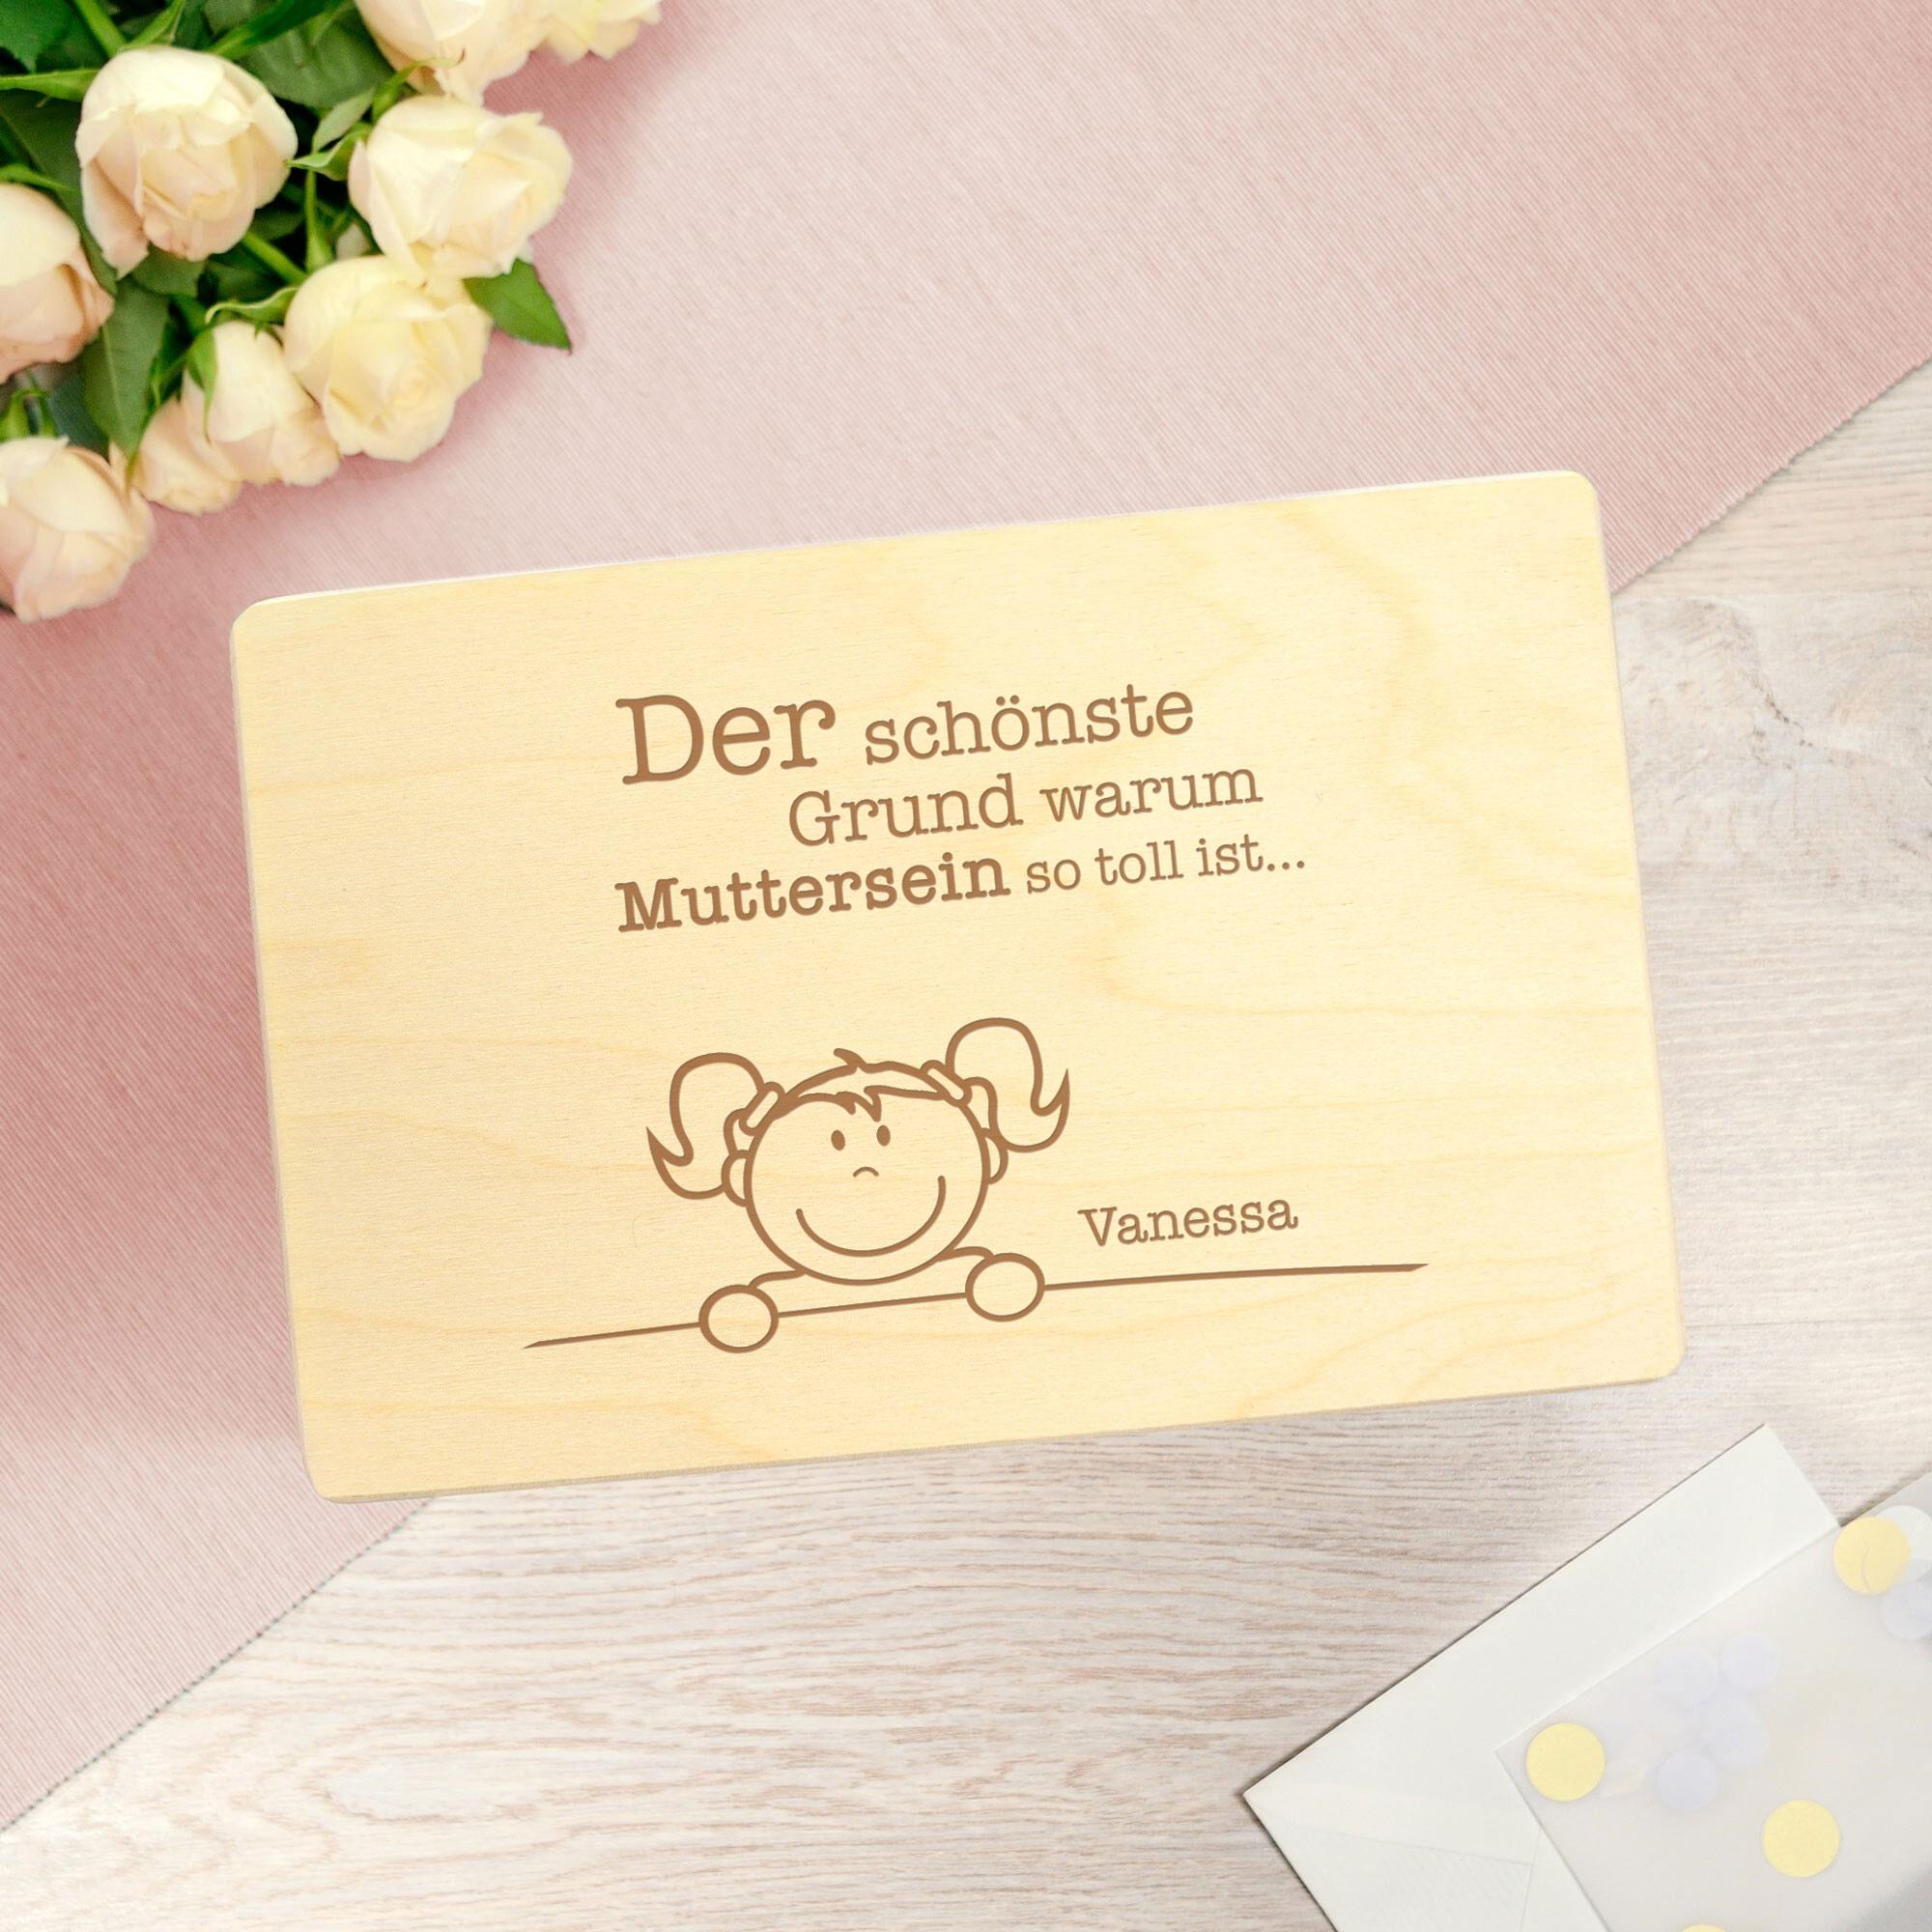 Personalisierte Erinnerungsbox mit Namensgravur - Muttersein